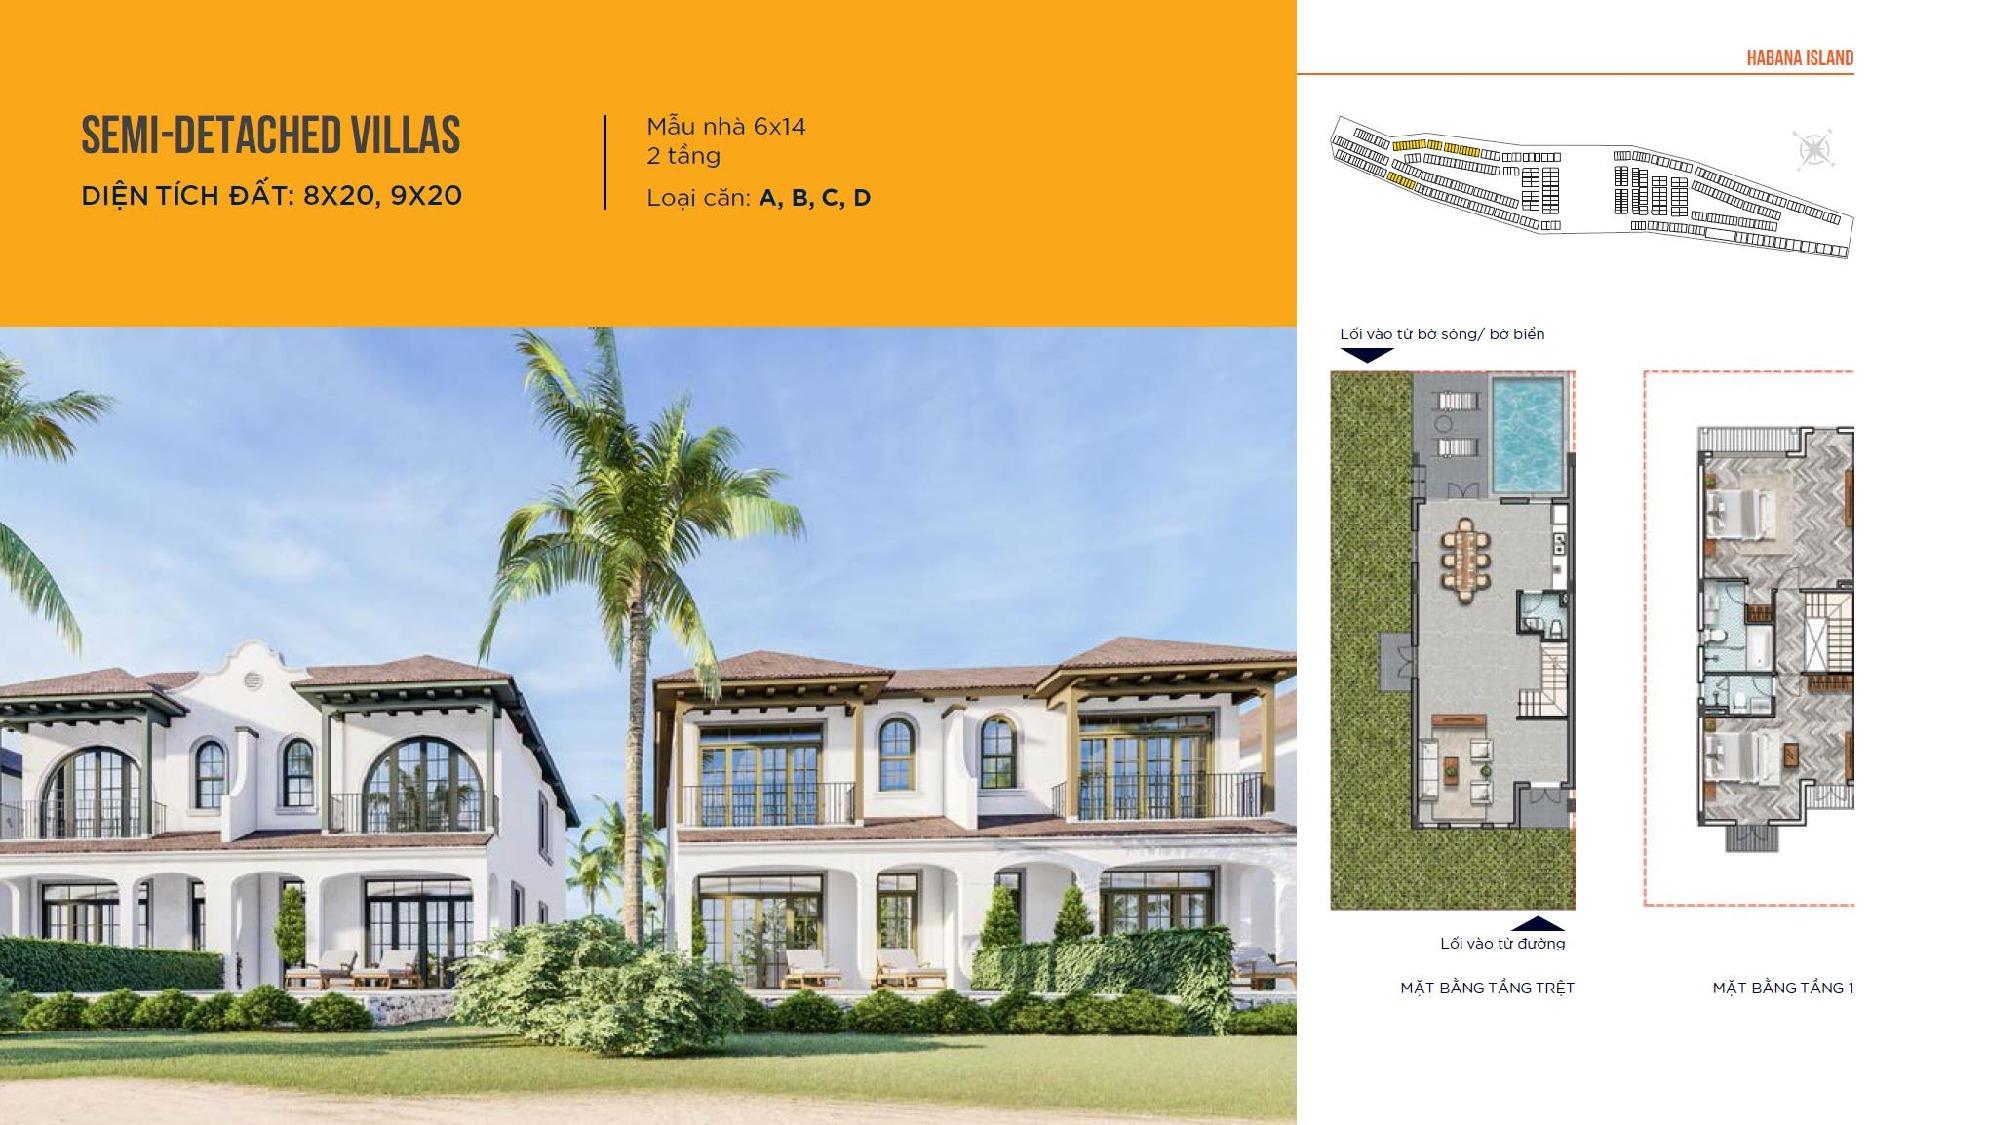 Thiết kế nhà mẫu Semi-Detached Villas  8x20, 9x20 Novaworld Đà Lạt nhà phát triển Novaland